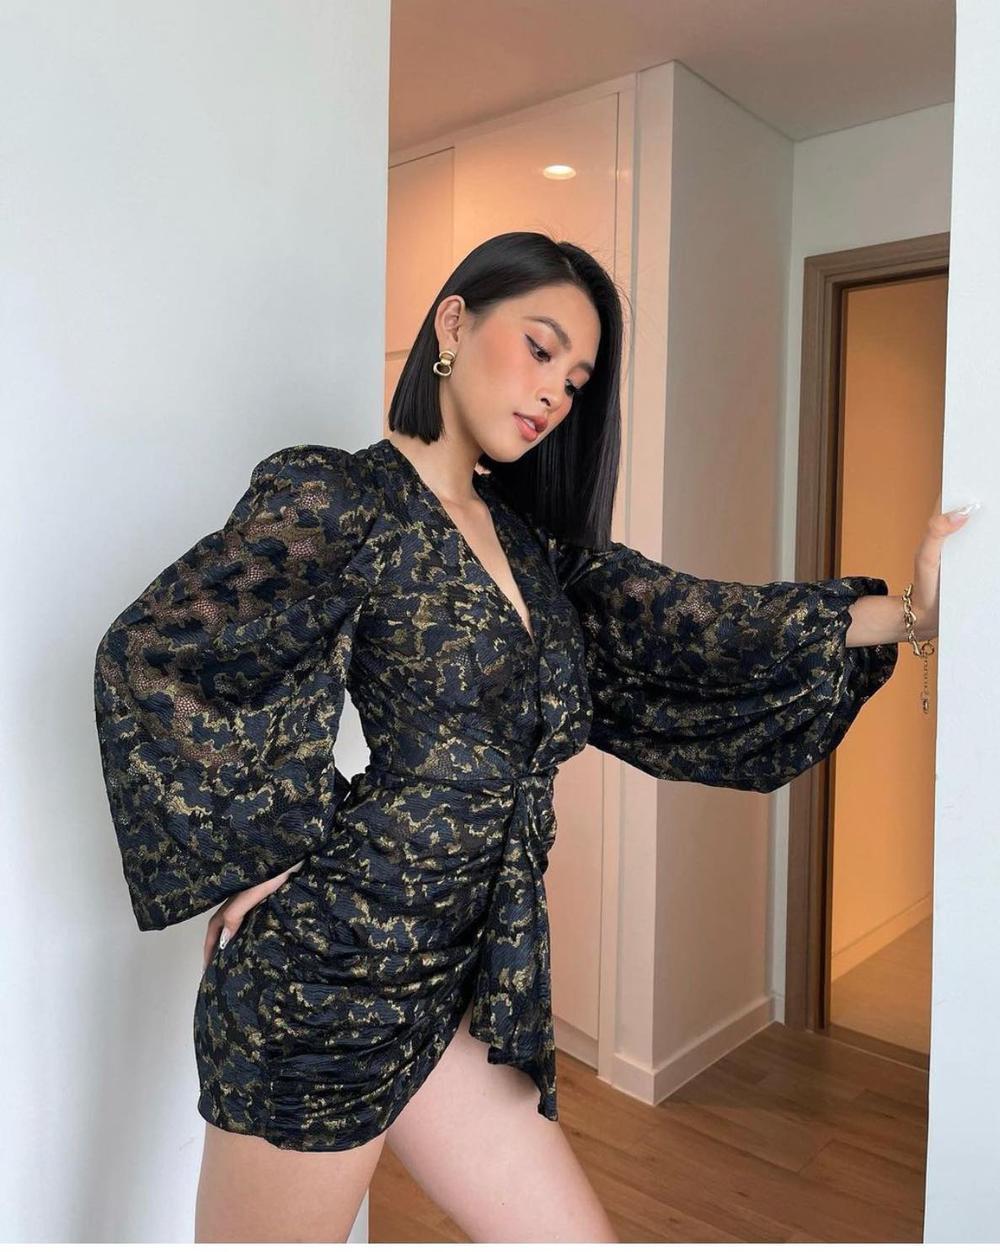 Hoa hậu Tiểu Vy diện váy ngắn cũn nhưng cách pose dáng tinh tế mới là đáng khen Ảnh 2